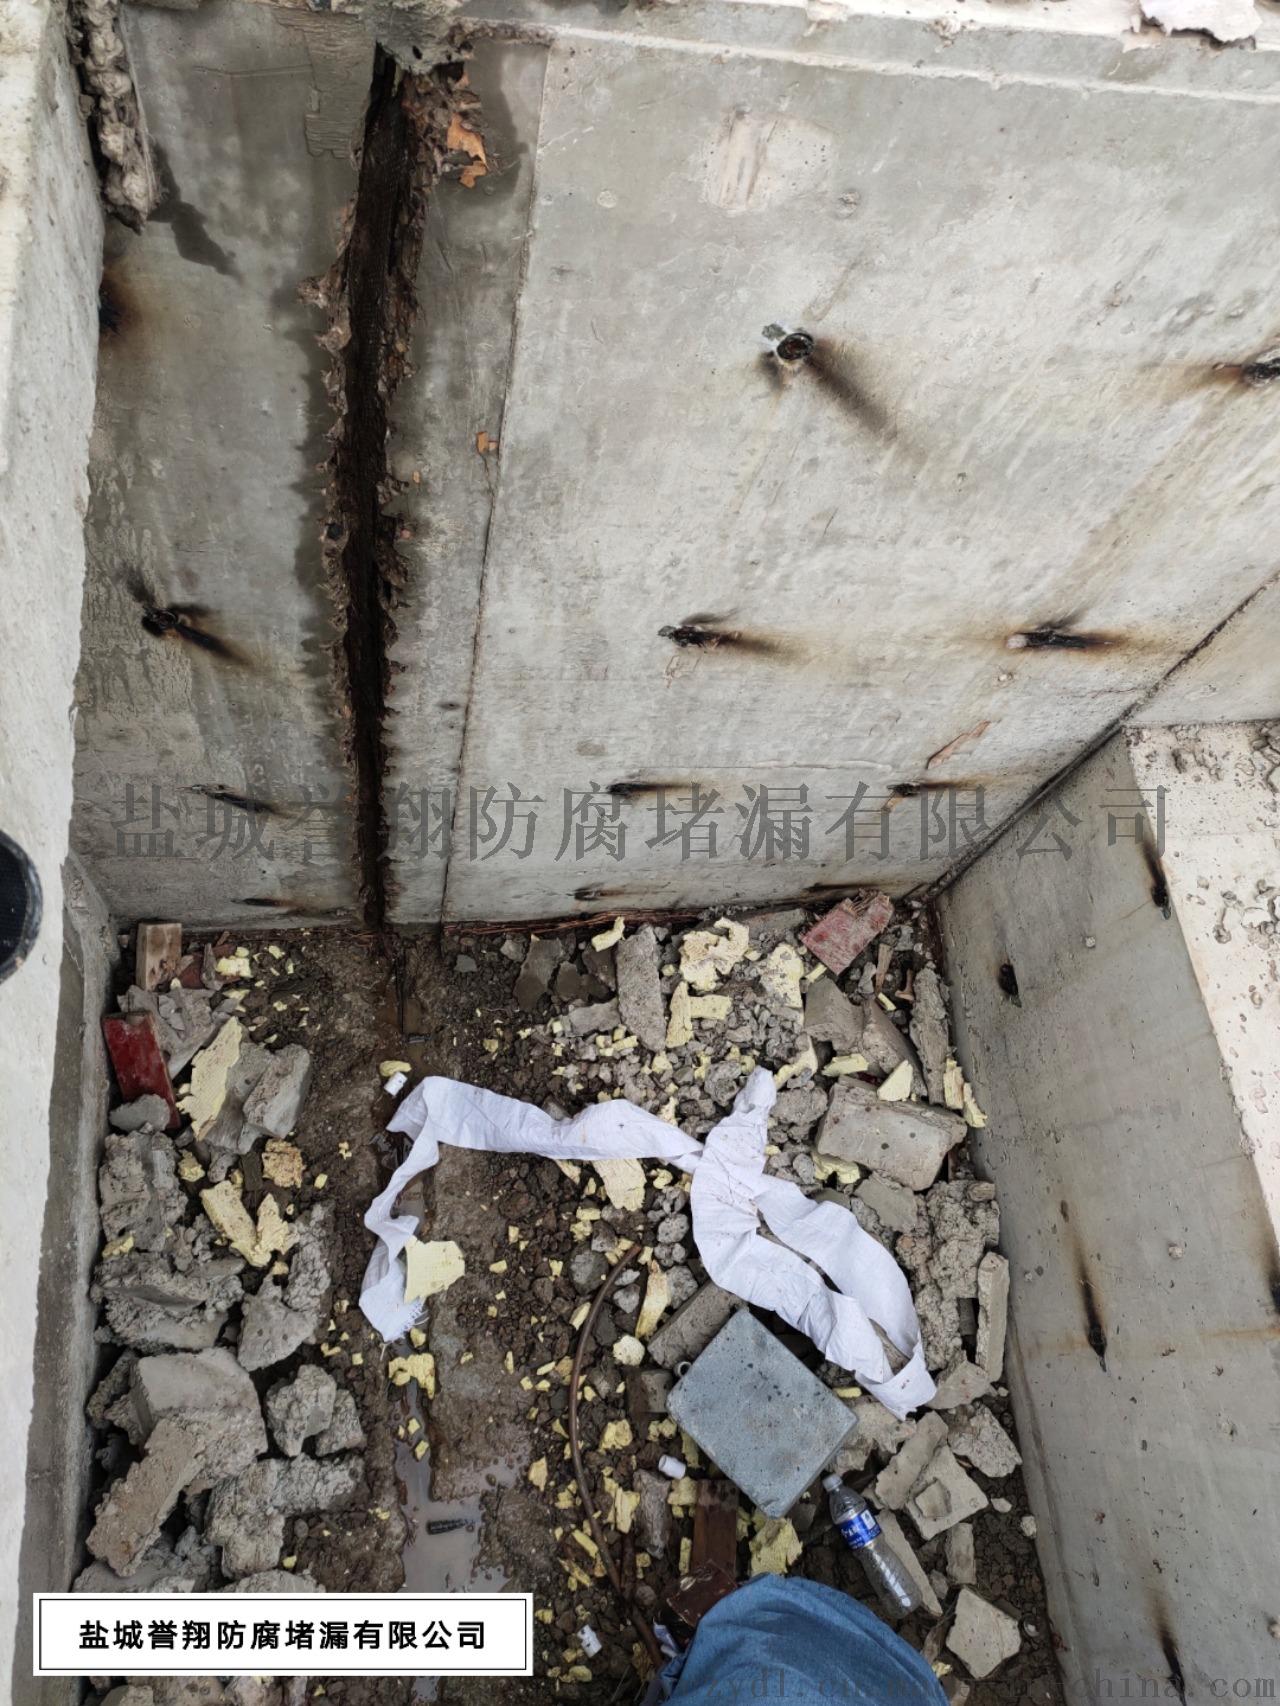 秦皇岛市污水池伸缩缝带压带水堵漏诀窍和方法98434562